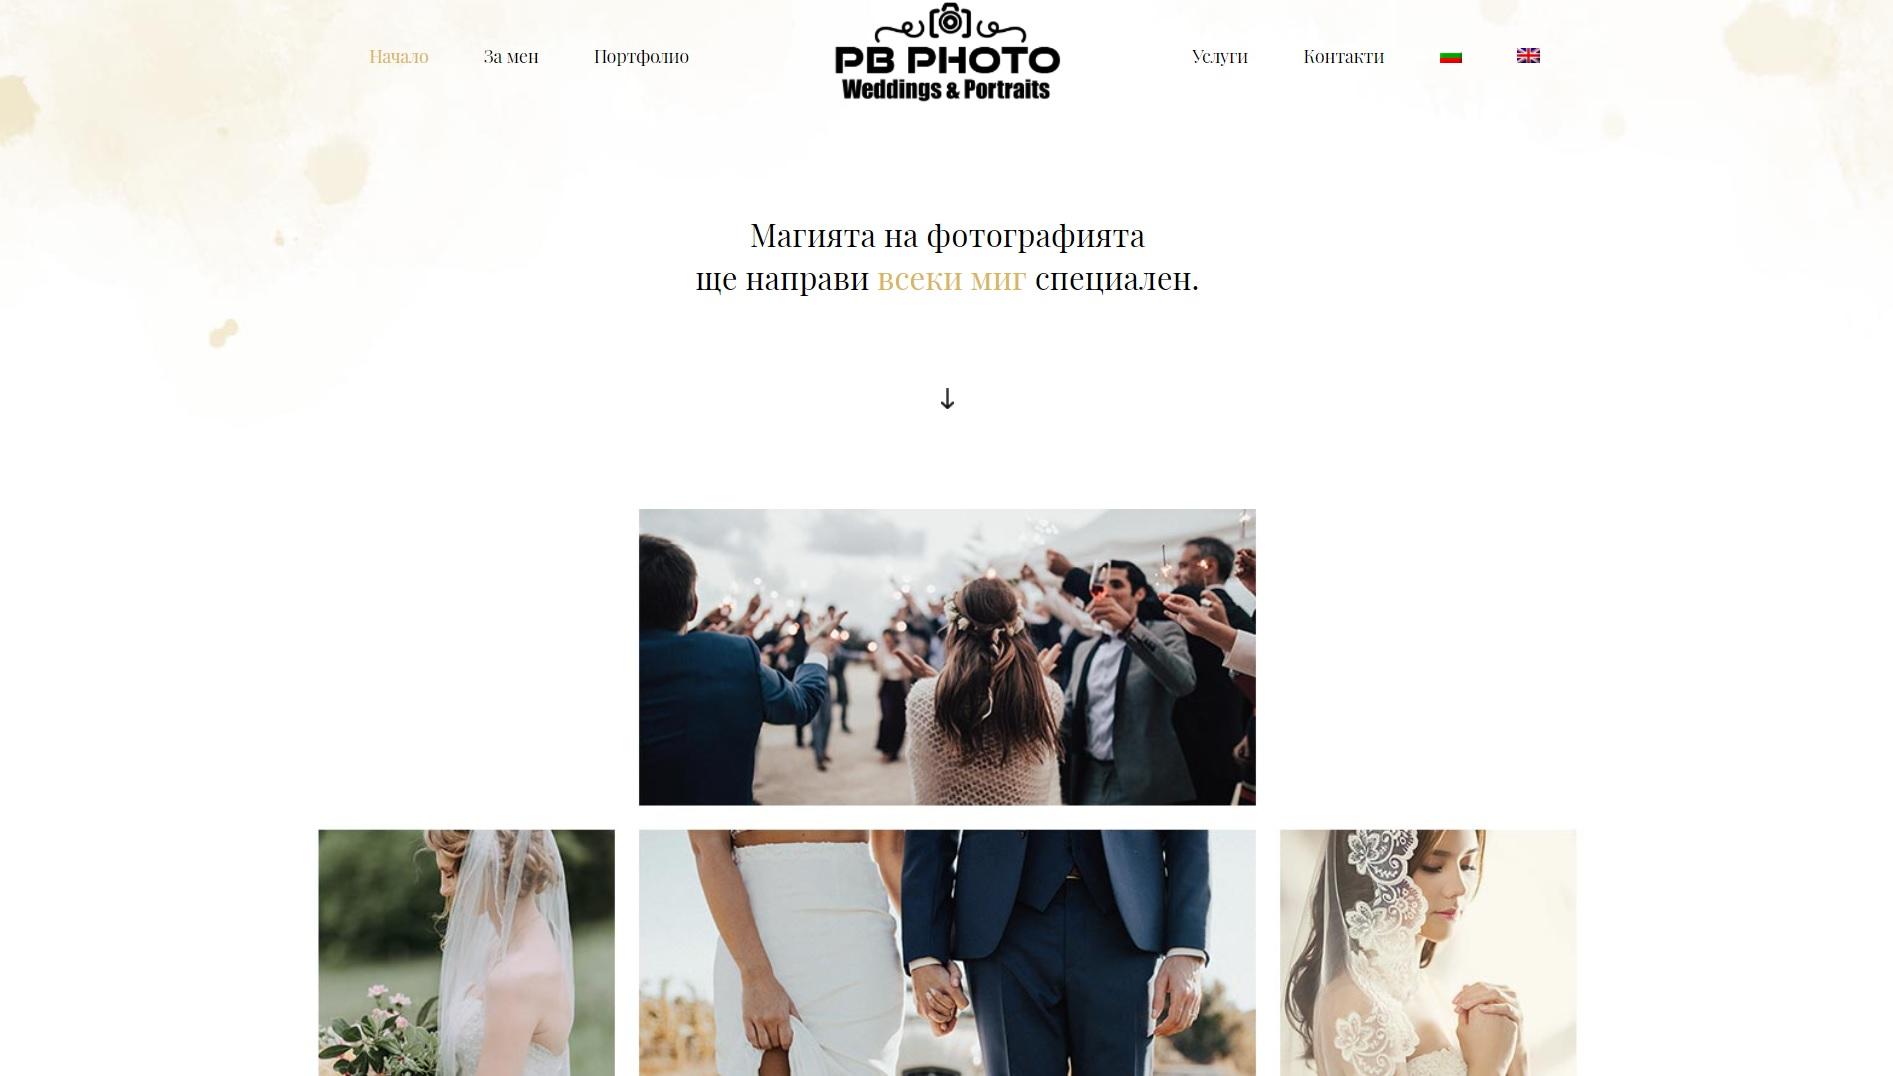 pbphoto1